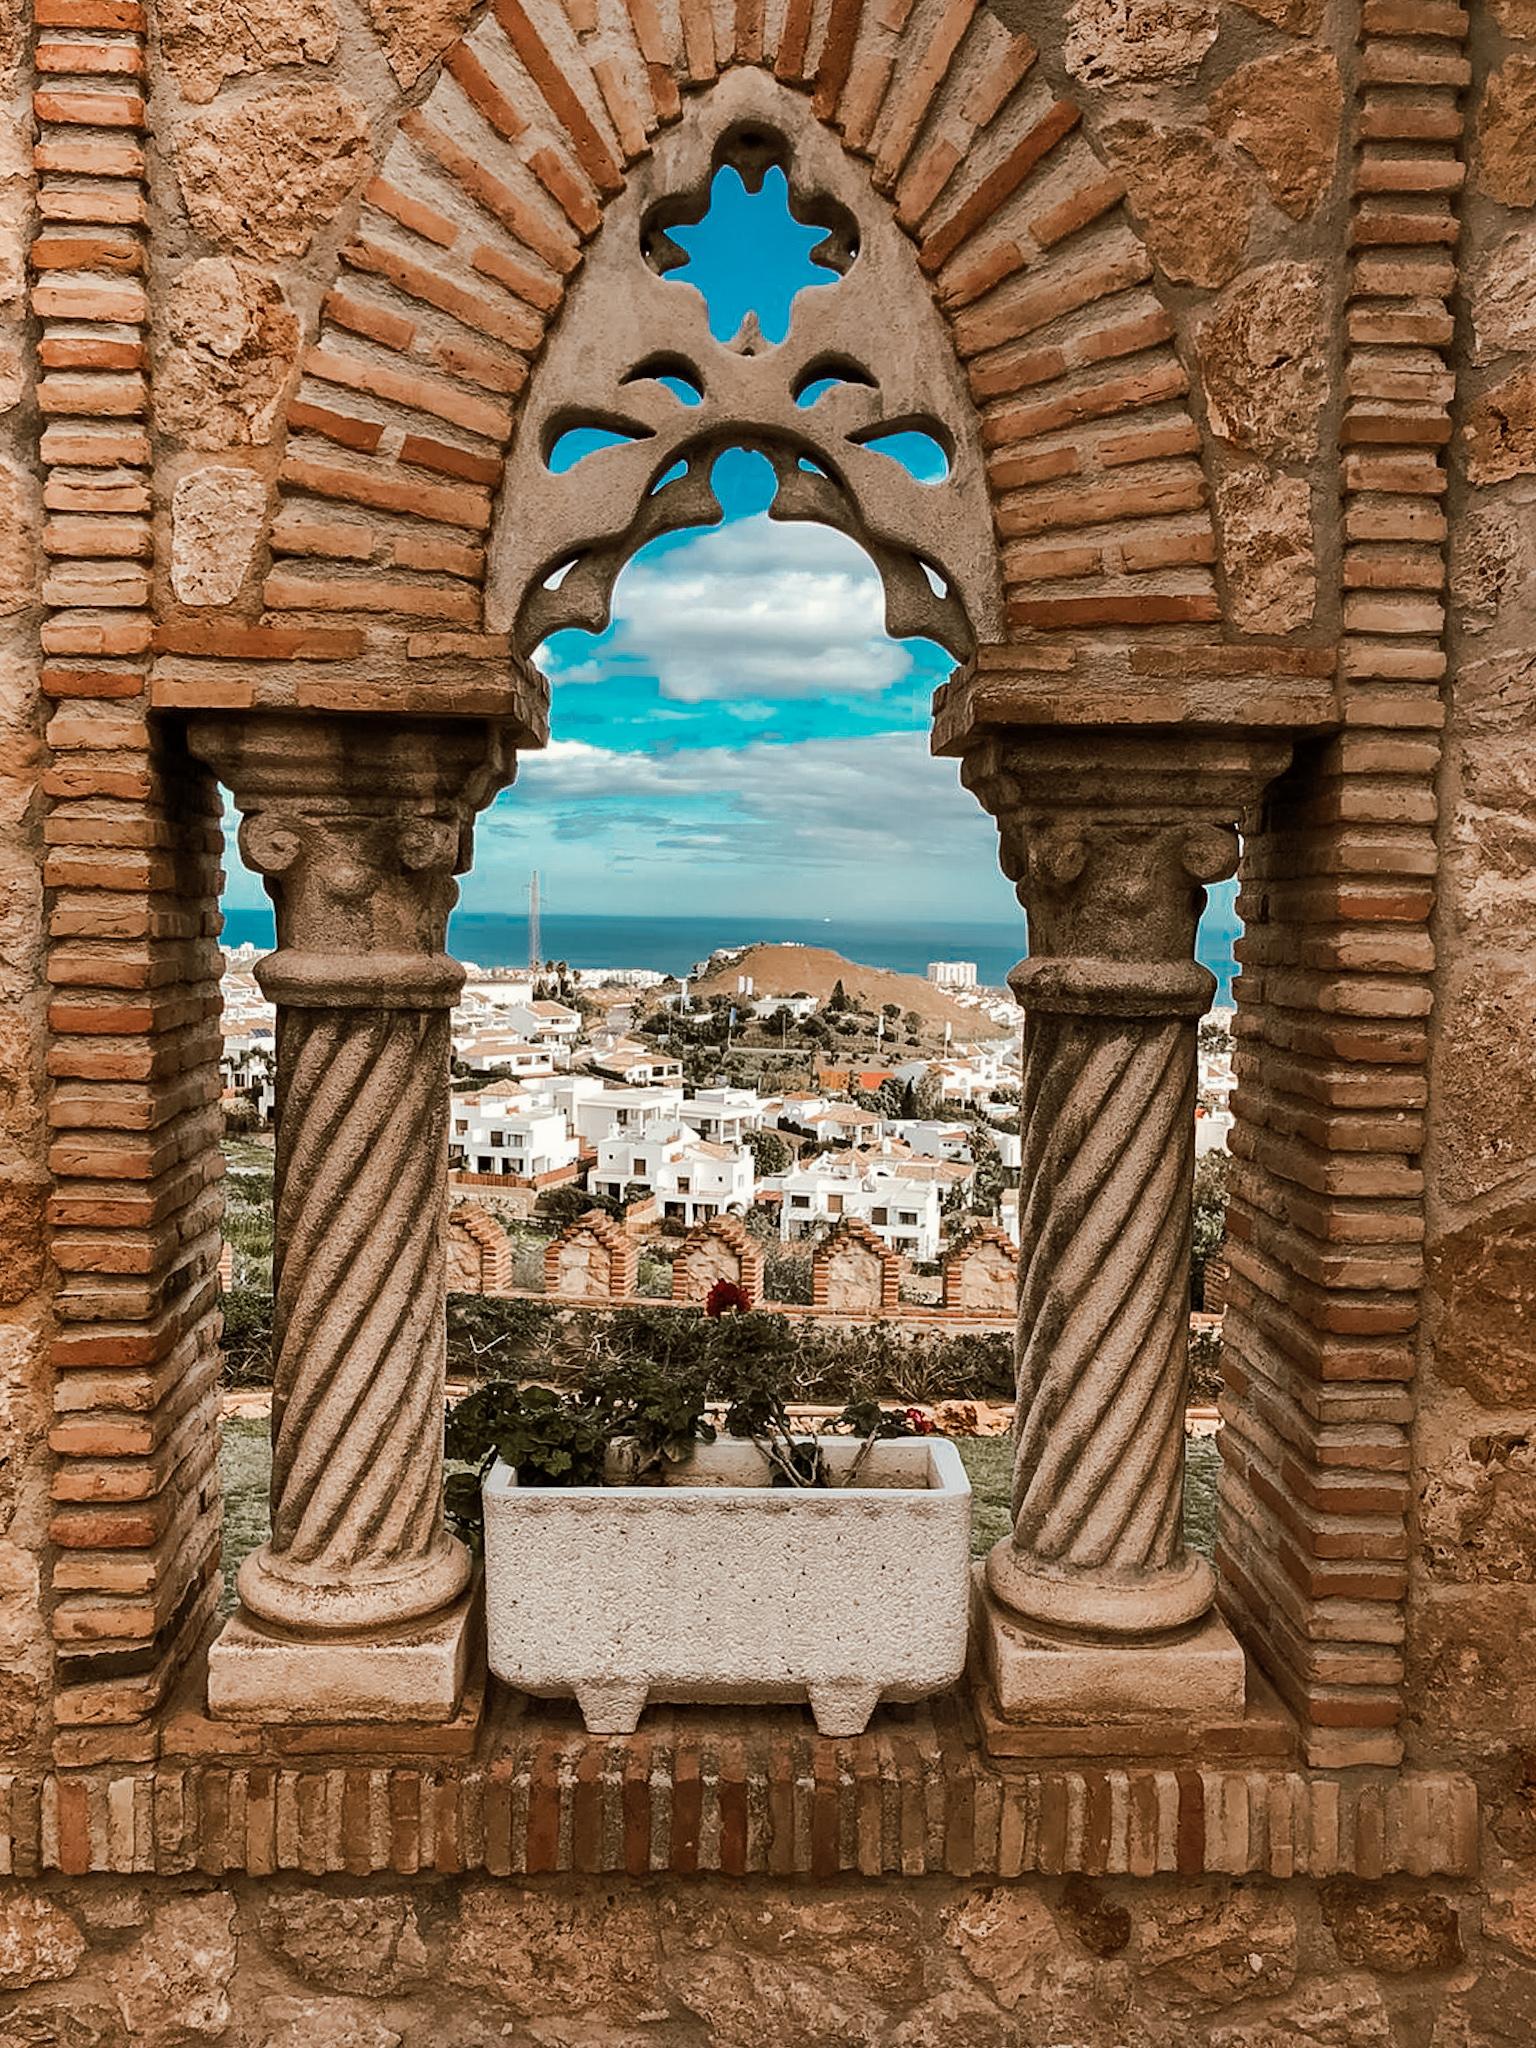 Castillo Colomares Banalmadena